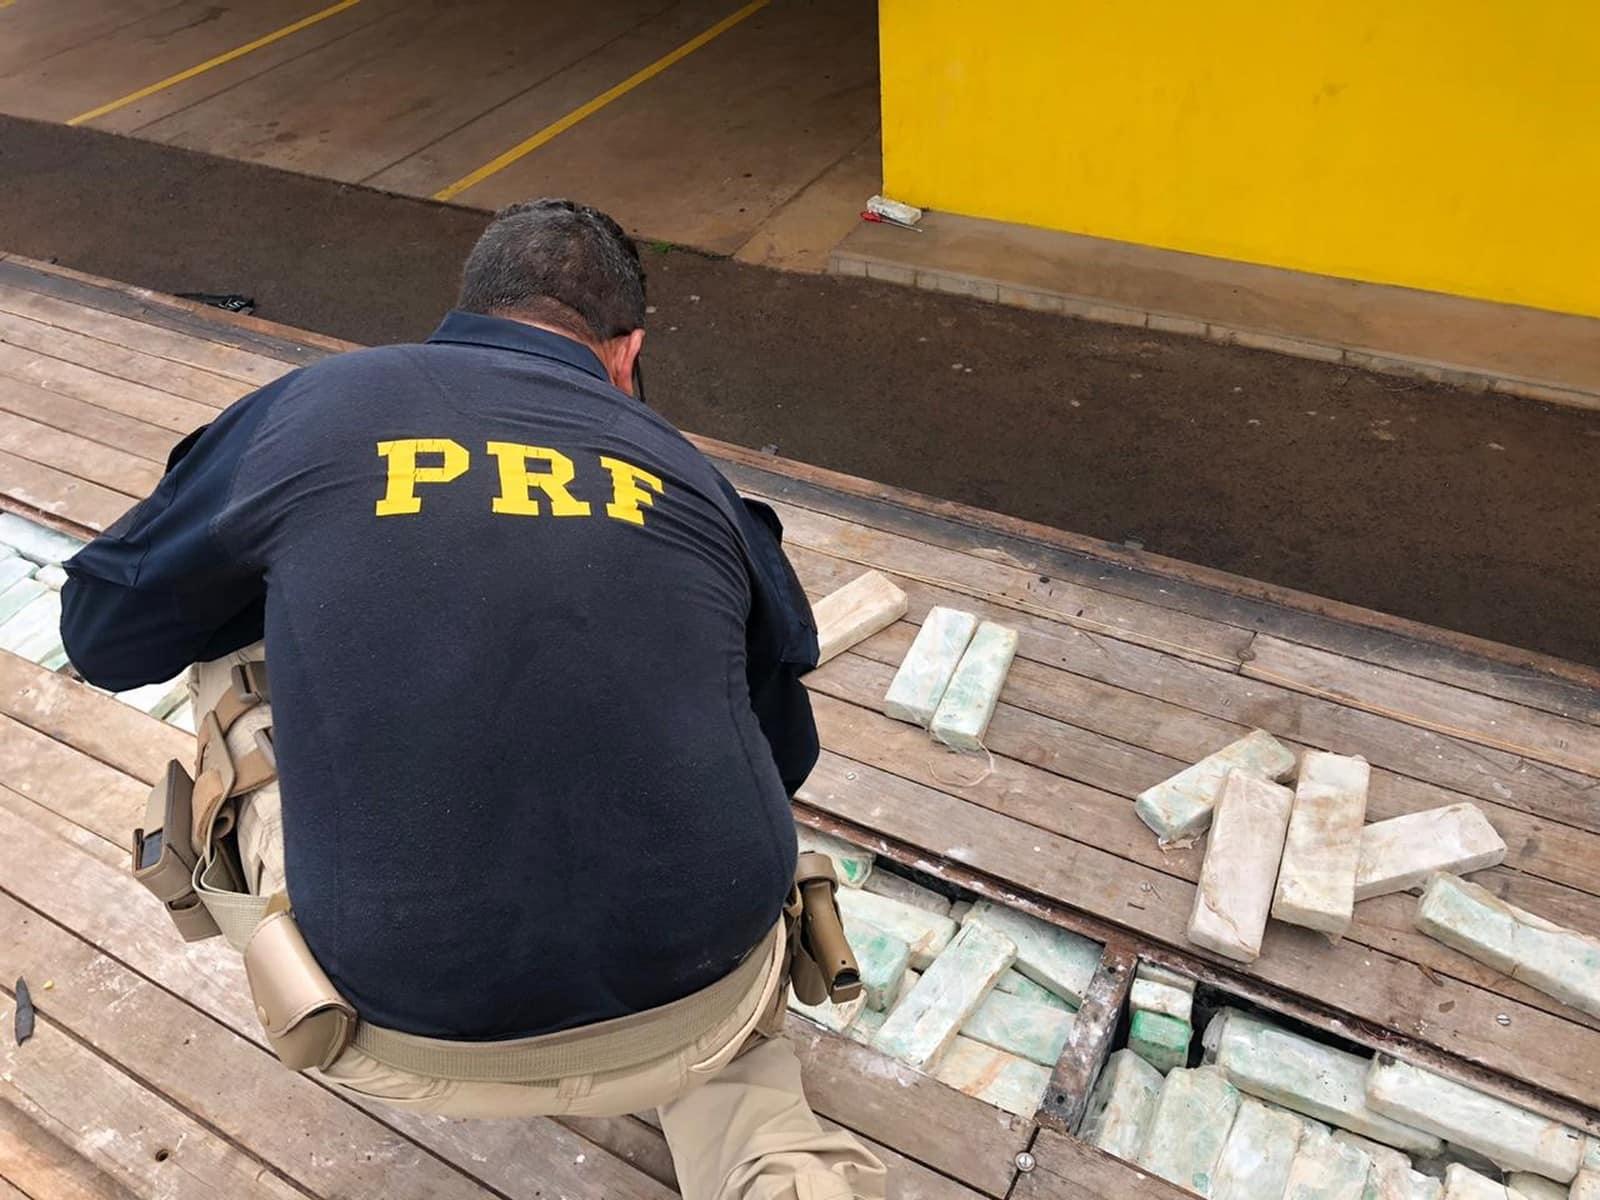 Droga estava escondida em fundo falso de caminhão e tinha cheiro de sabonete para despistar a polícia — Foto: Diogo Nolasco/TV TEM